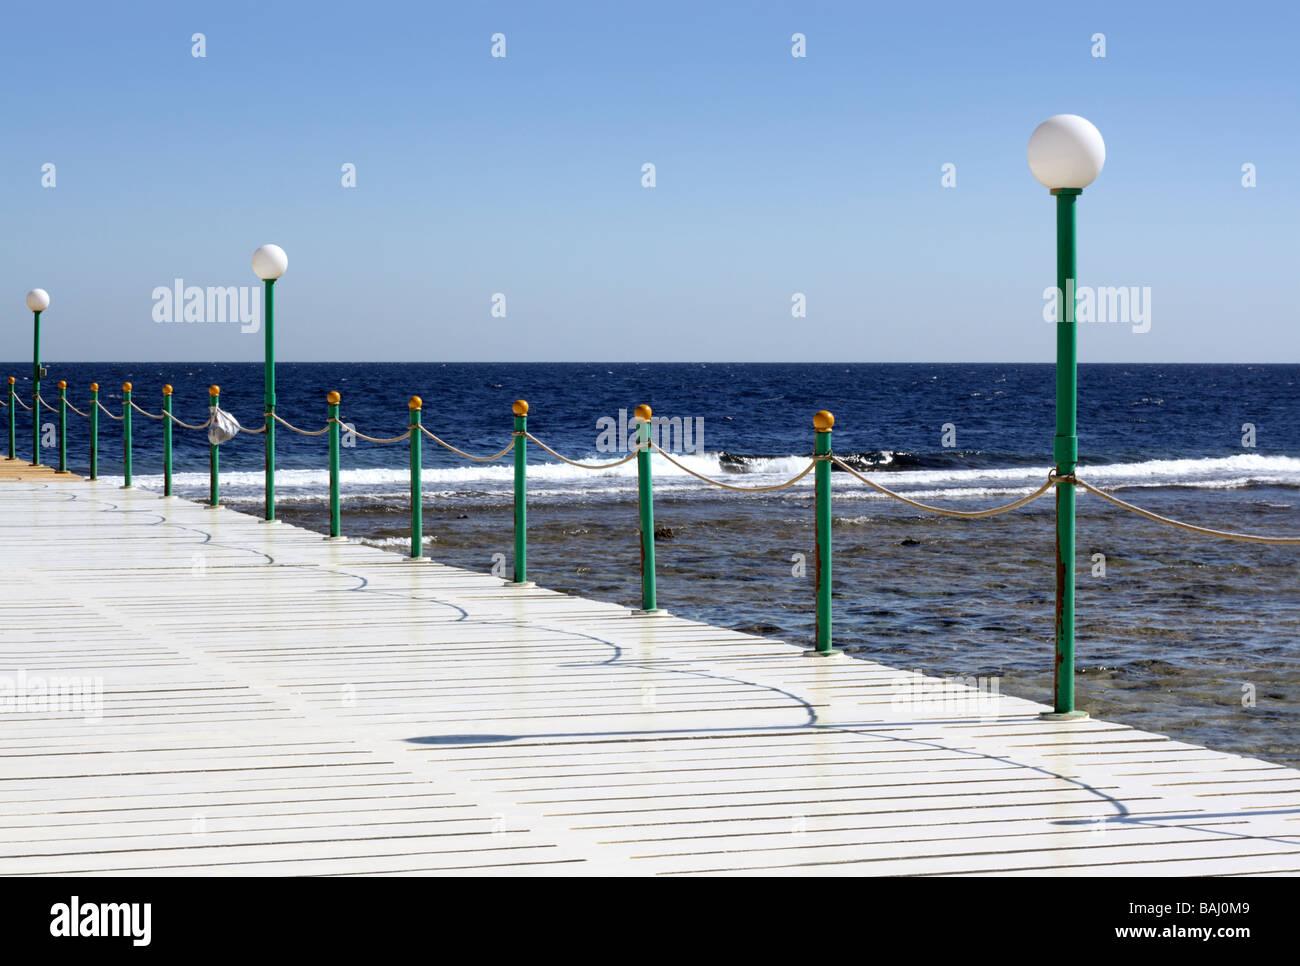 Aegypten Rotes Meer Quseir ein kleiner Ort 140 km suedlich von Hurghada xxxxx - Stock Image